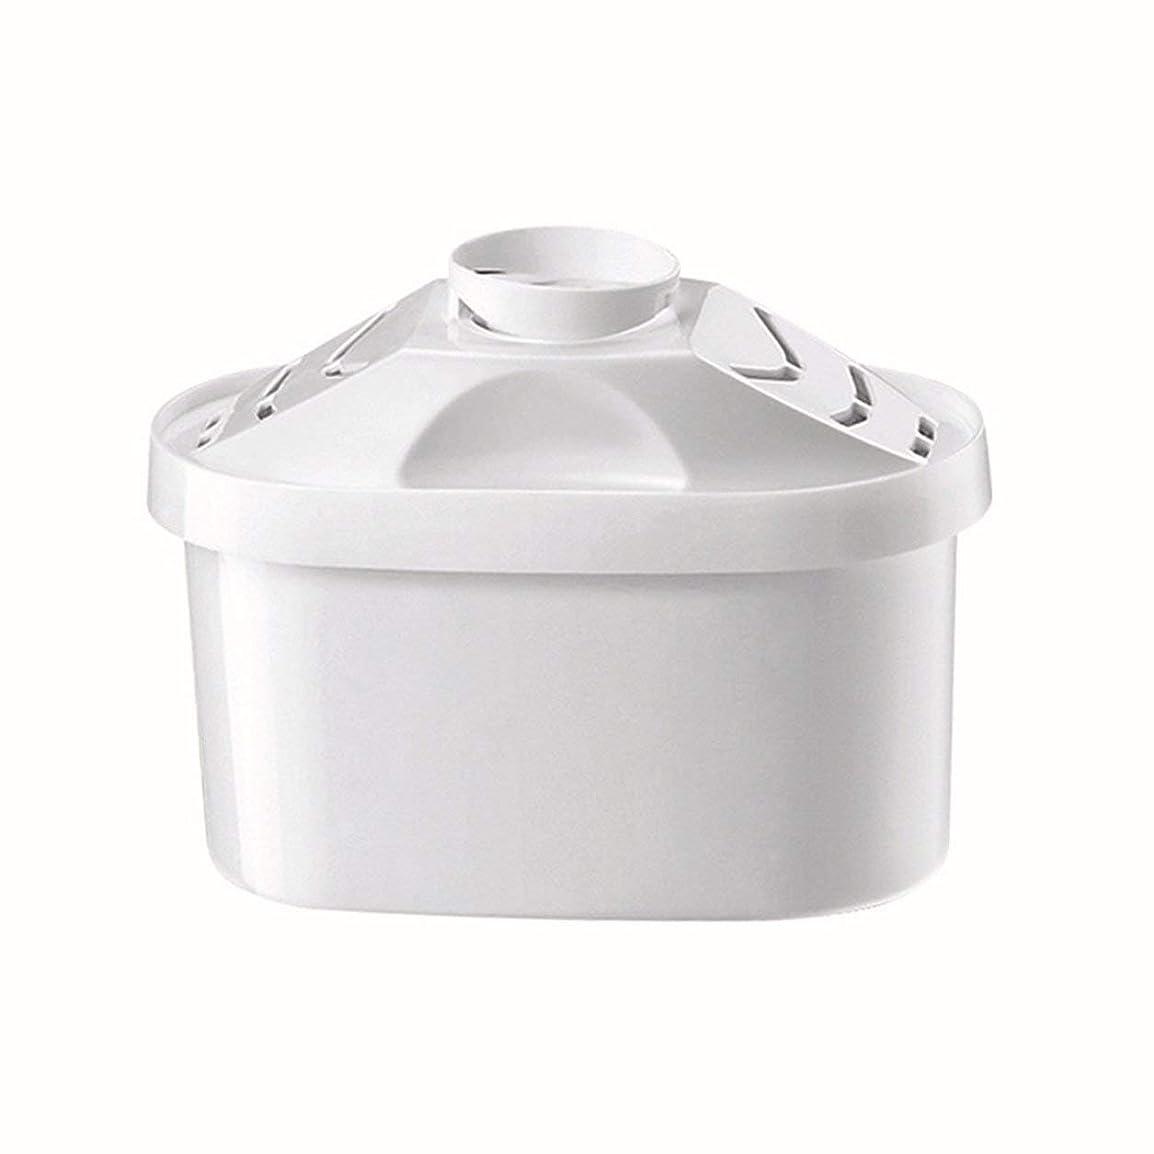 モジュール起きてプレゼンターSaikogoods ブリタの水のピッチャーのためのケトルフィルター 活性炭 水フィルターカートリッジ 健康的なクリーンデバイスを 精製 白